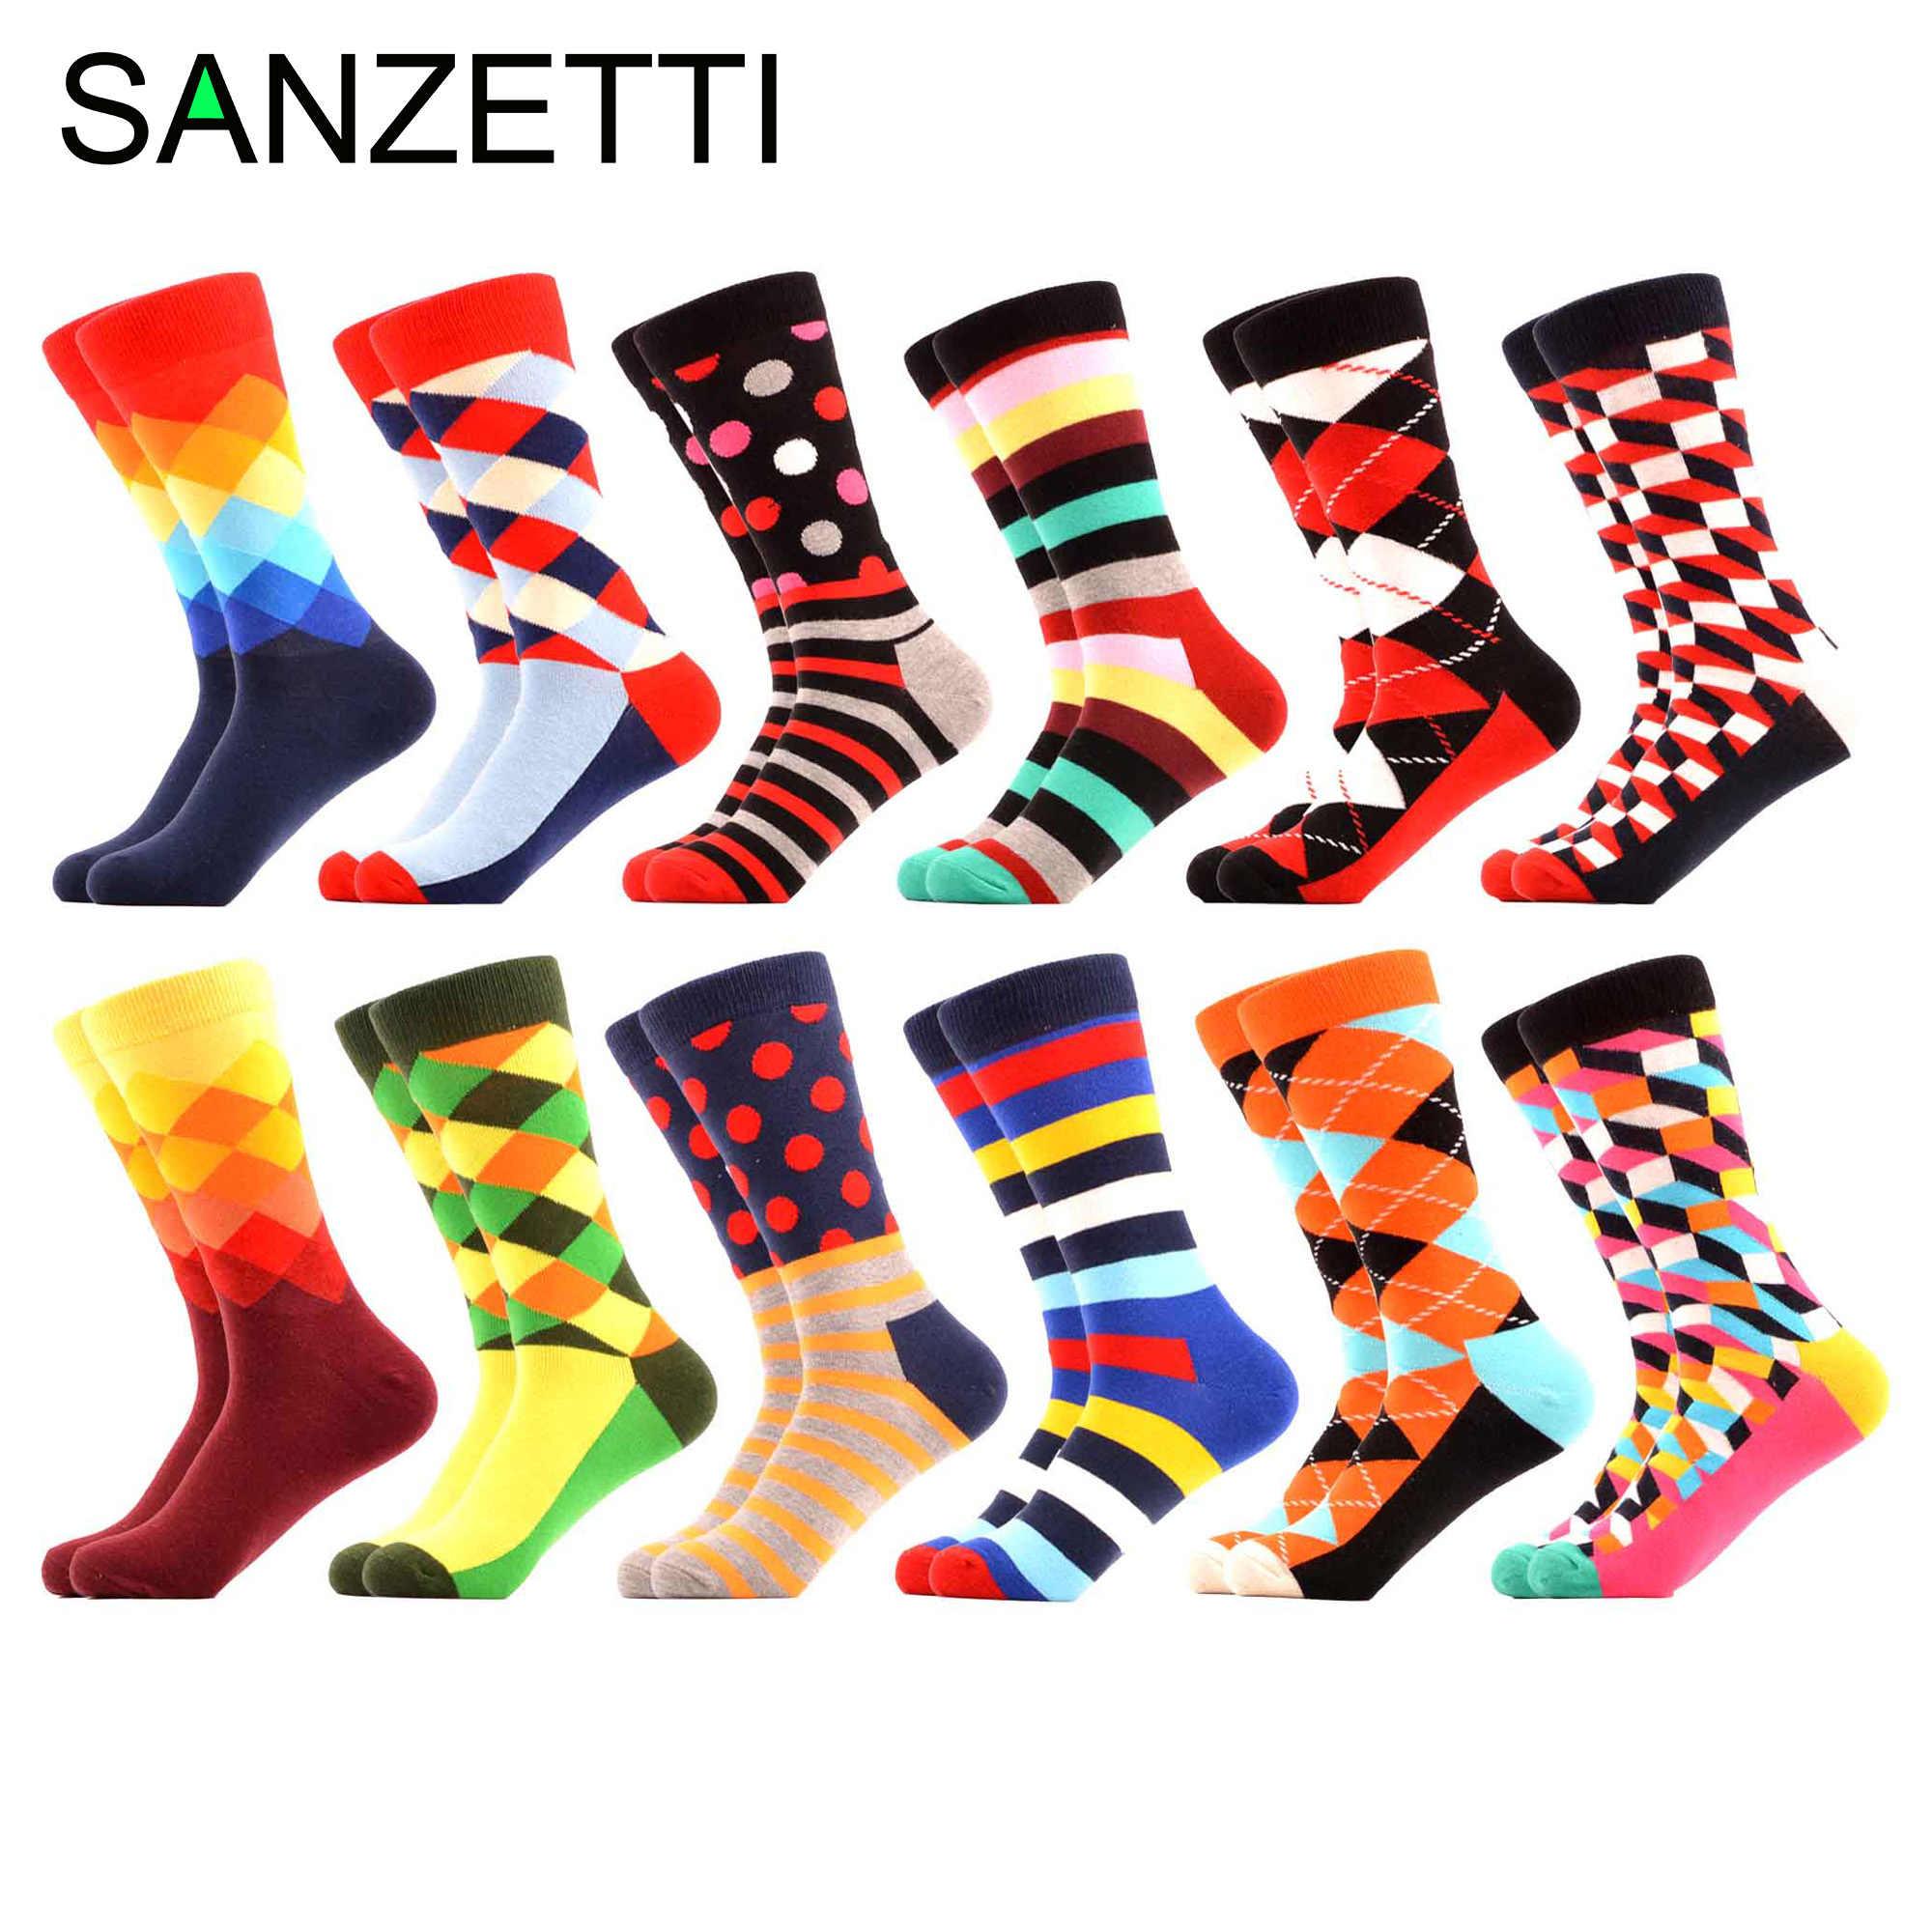 SANZETTI/12 пар в партии, мужские хлопковые повседневные Разноцветные носки в полоску, удобные вечерние носки в клетку, подарок